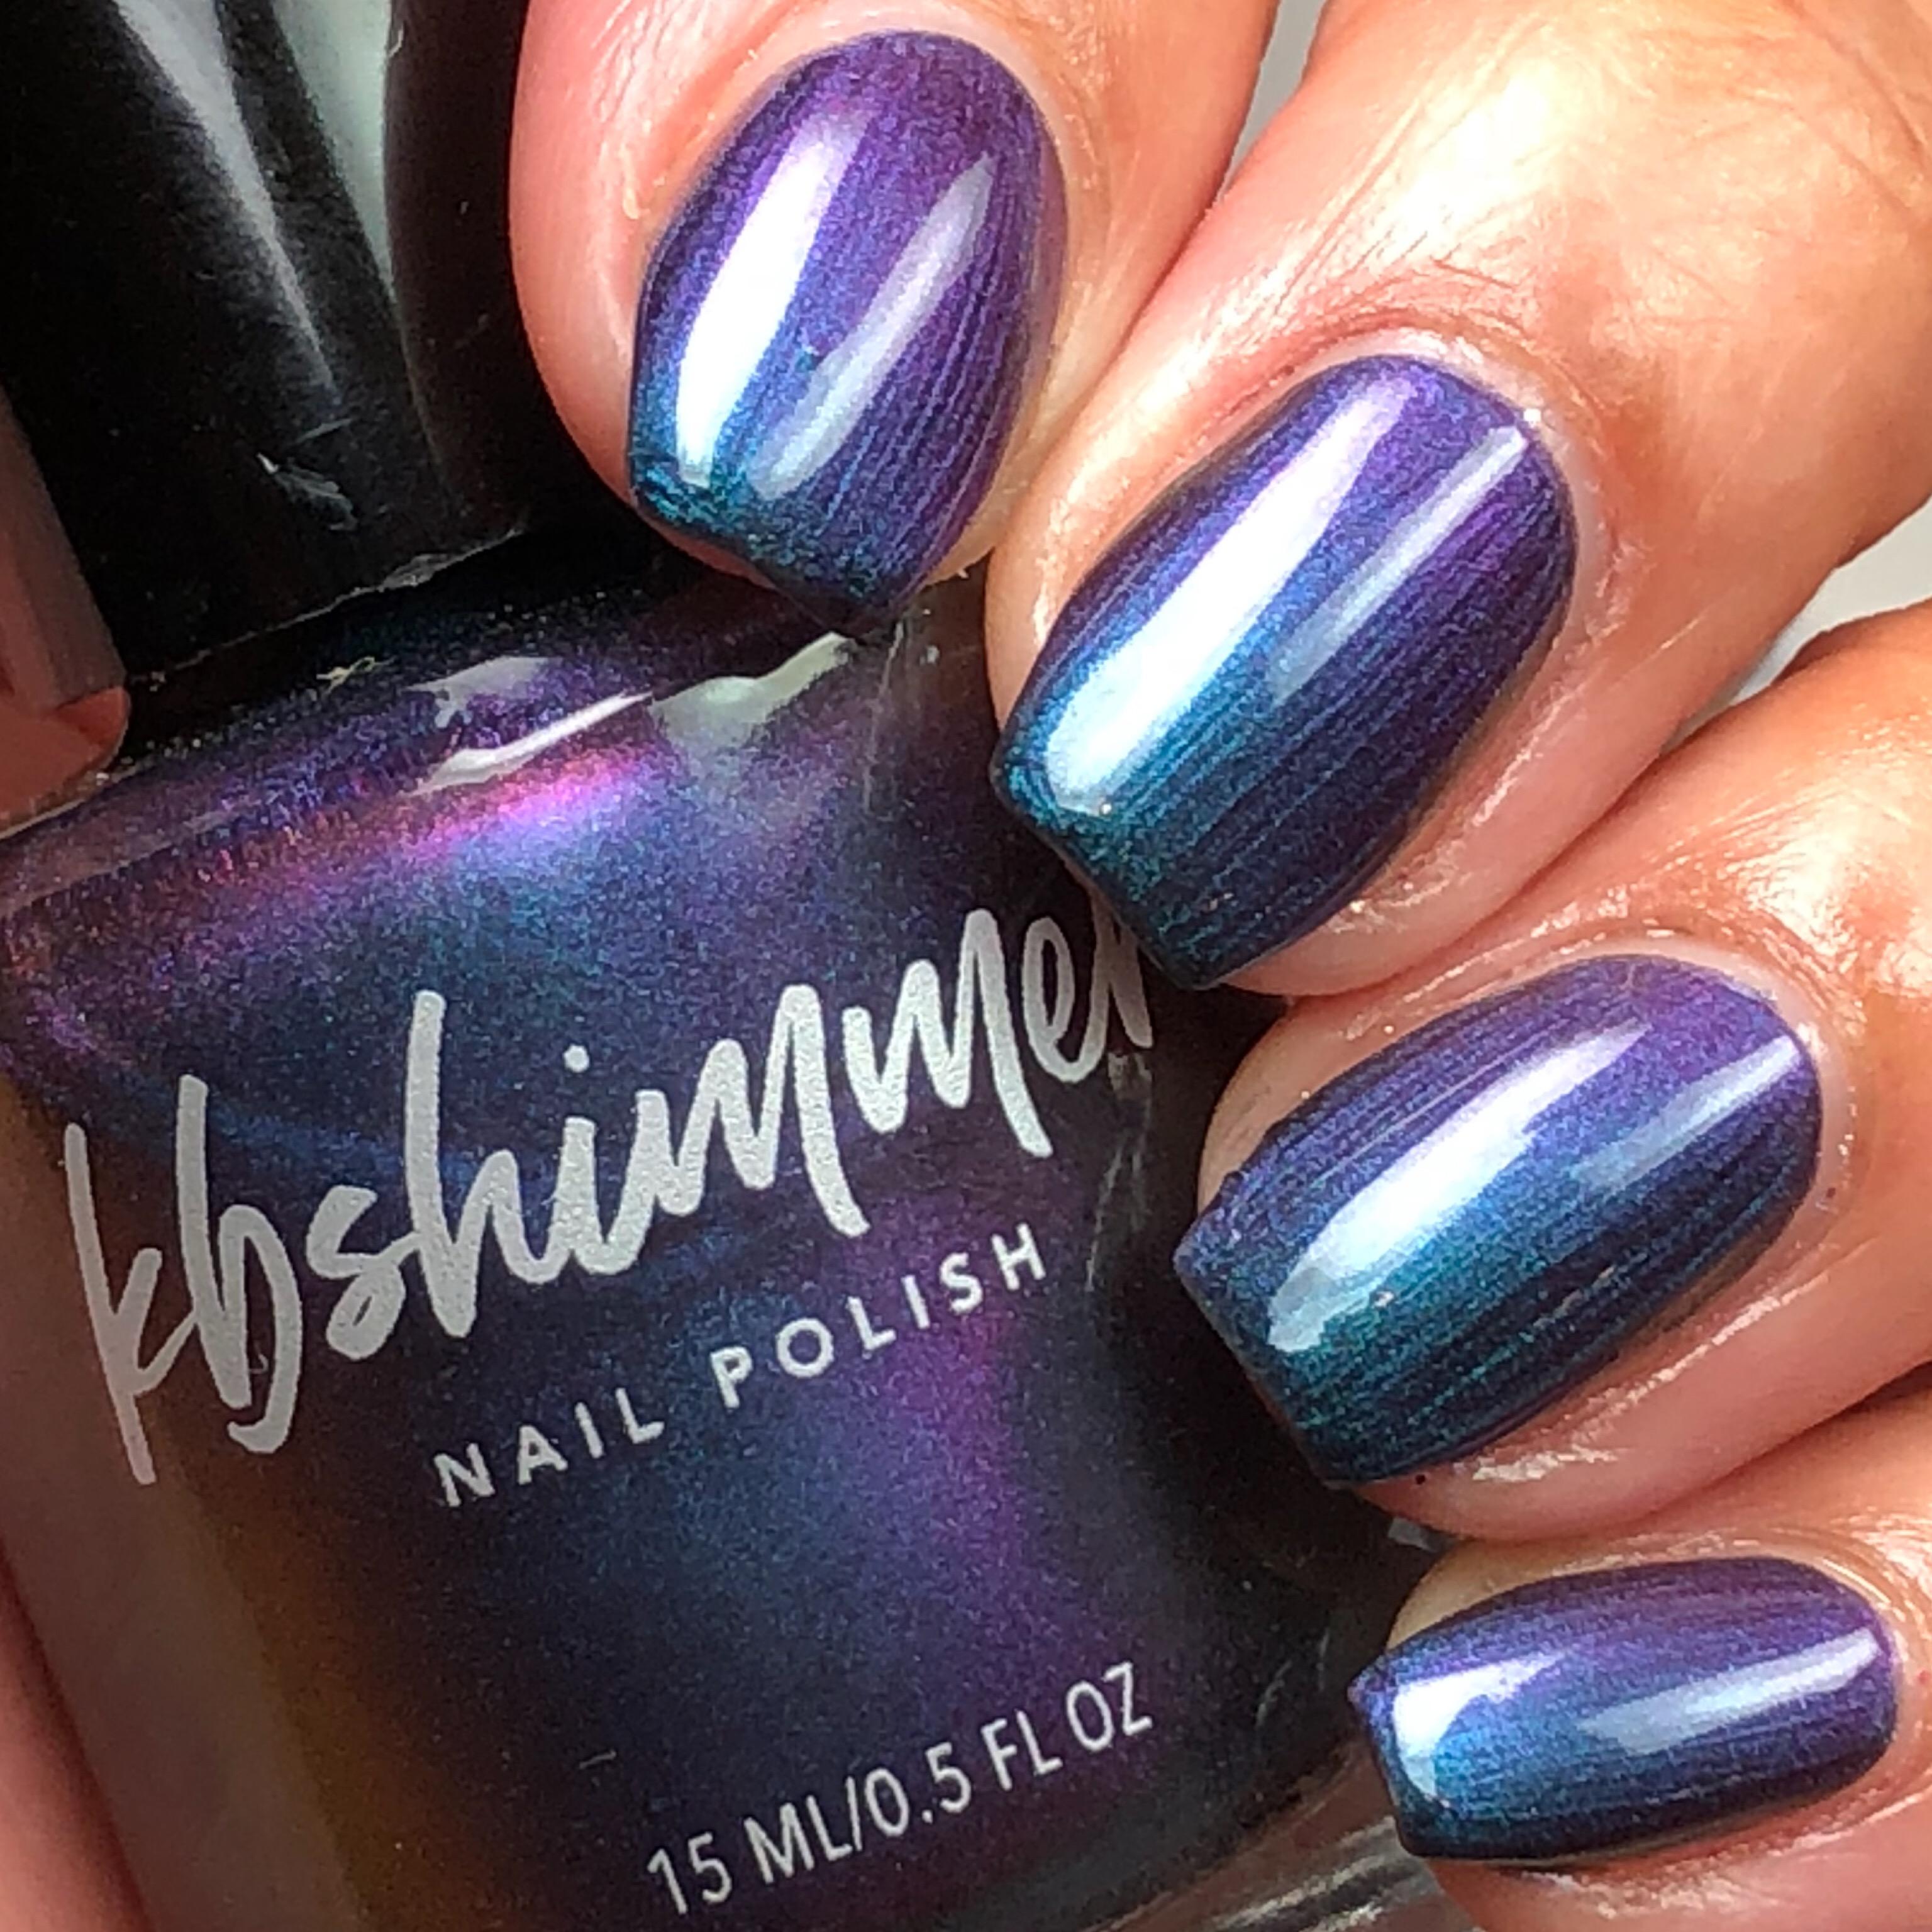 KBShimmer Iridescent Exposure Multi Chrome Nail Polish